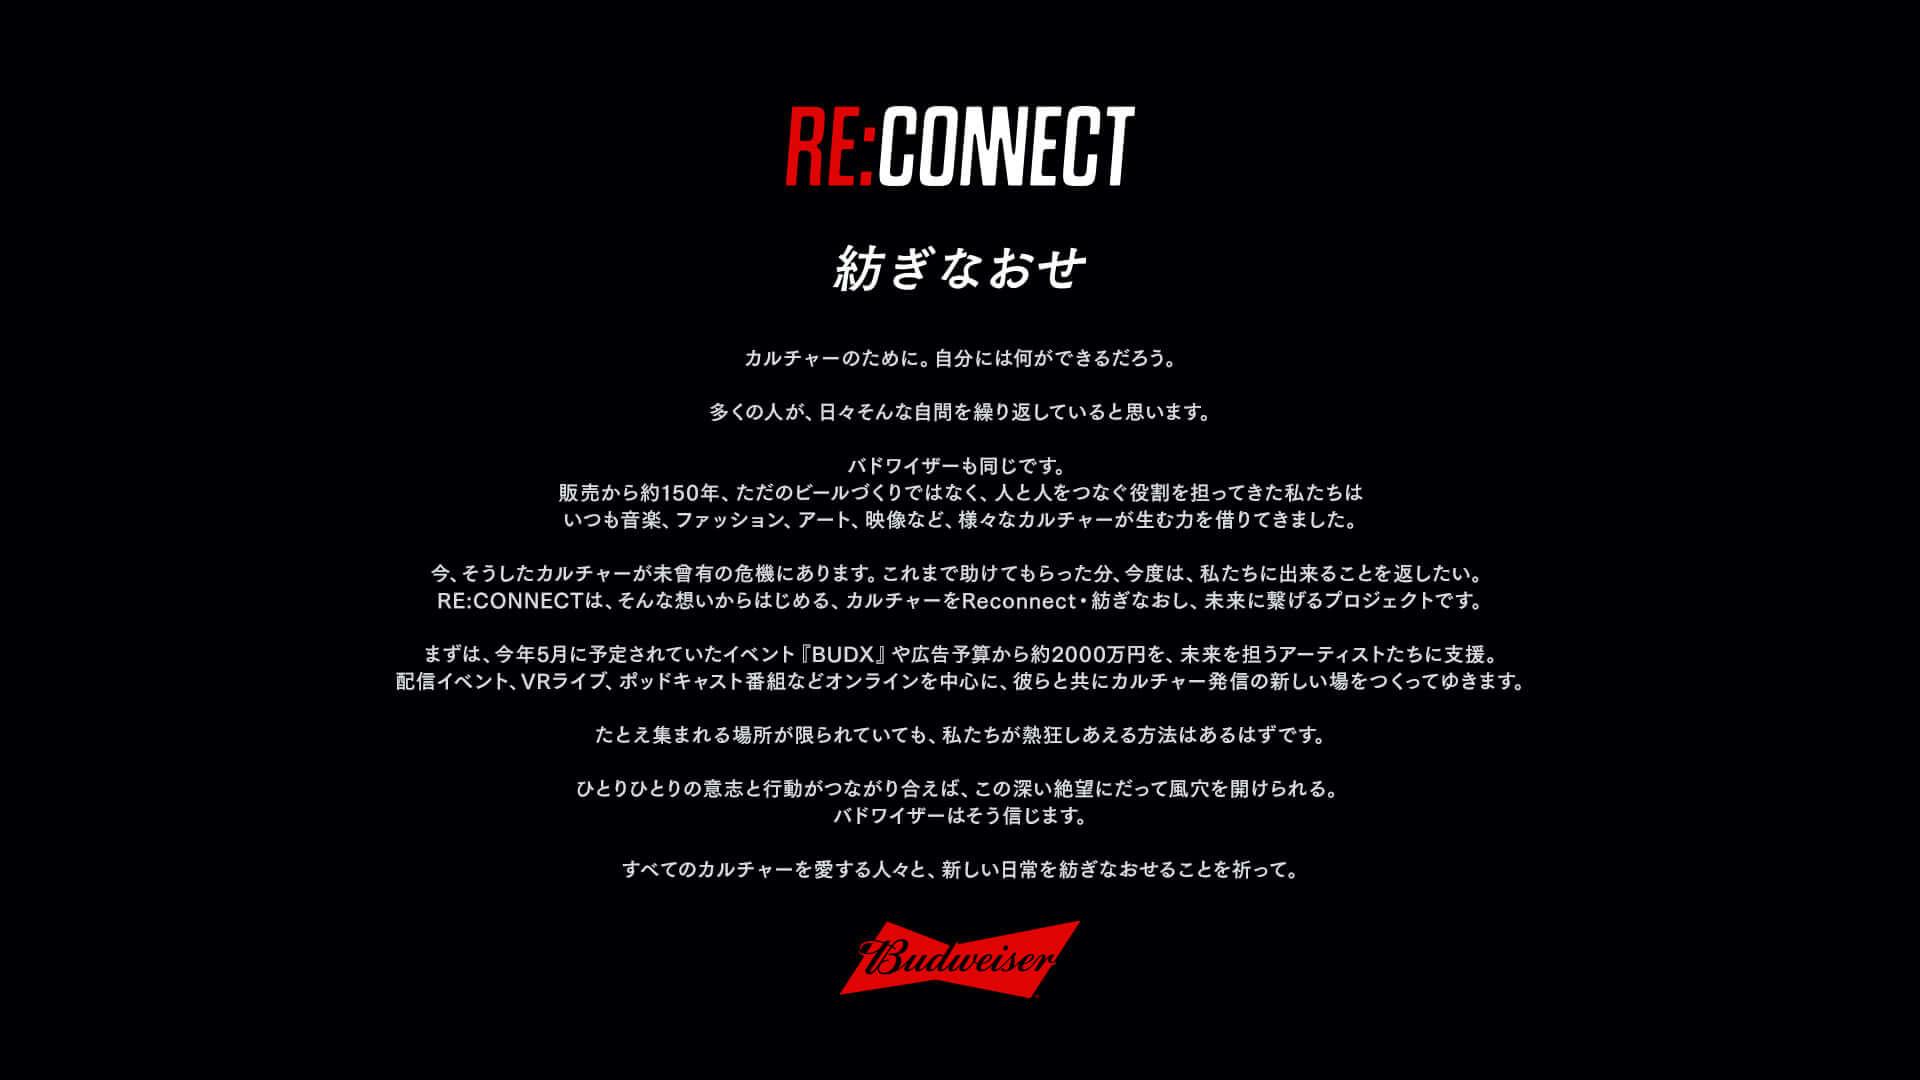 バドワイザーが、アーティストを支援するプロジェクト「RE:CONNECT」を発足!パフォーマンスや音楽プログラムを配信 music200603_budweiser_02-1920x1080